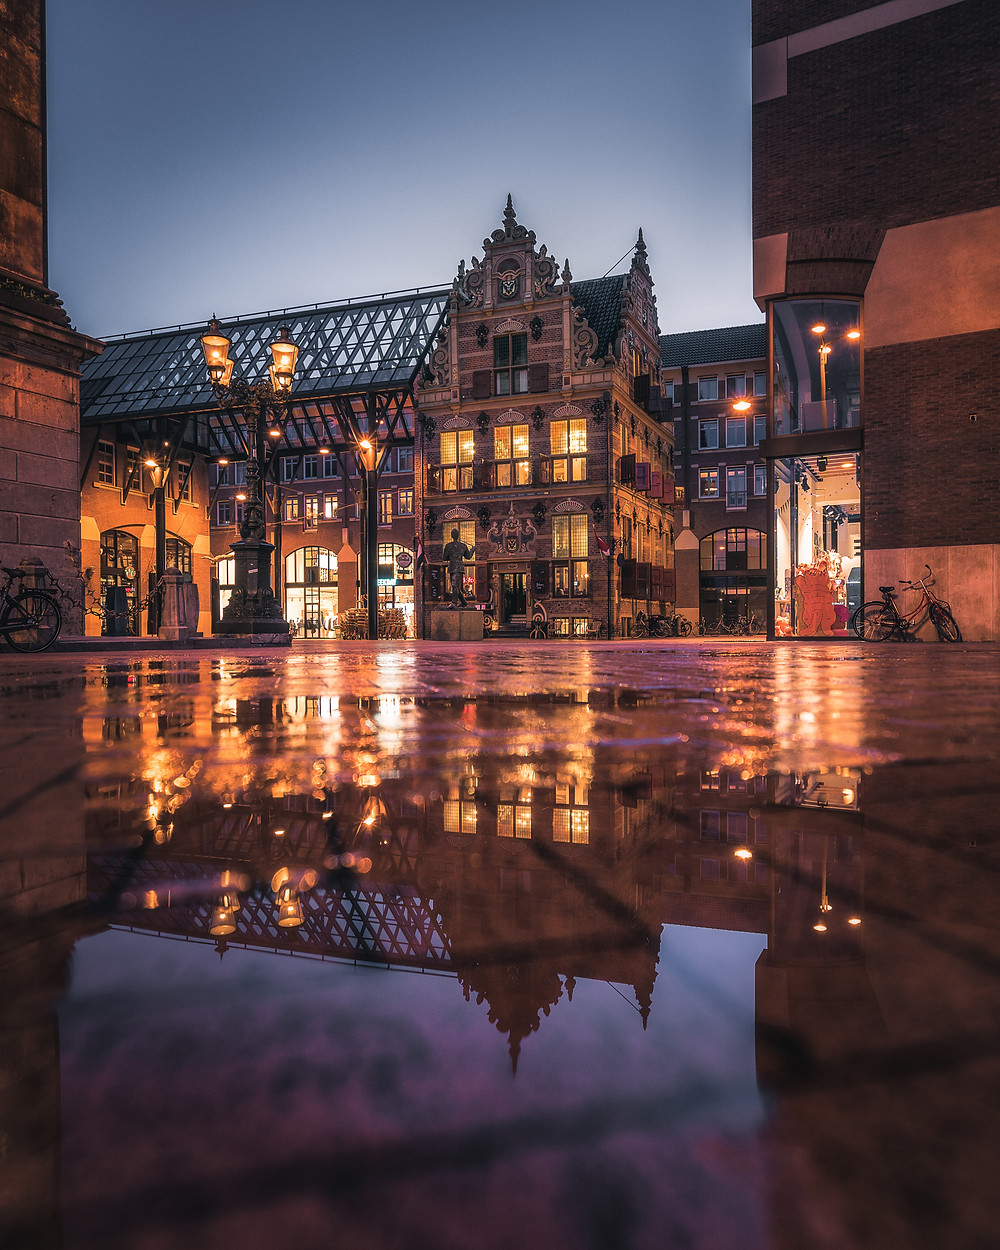 Goudkantoor, Waagplein, Groningen